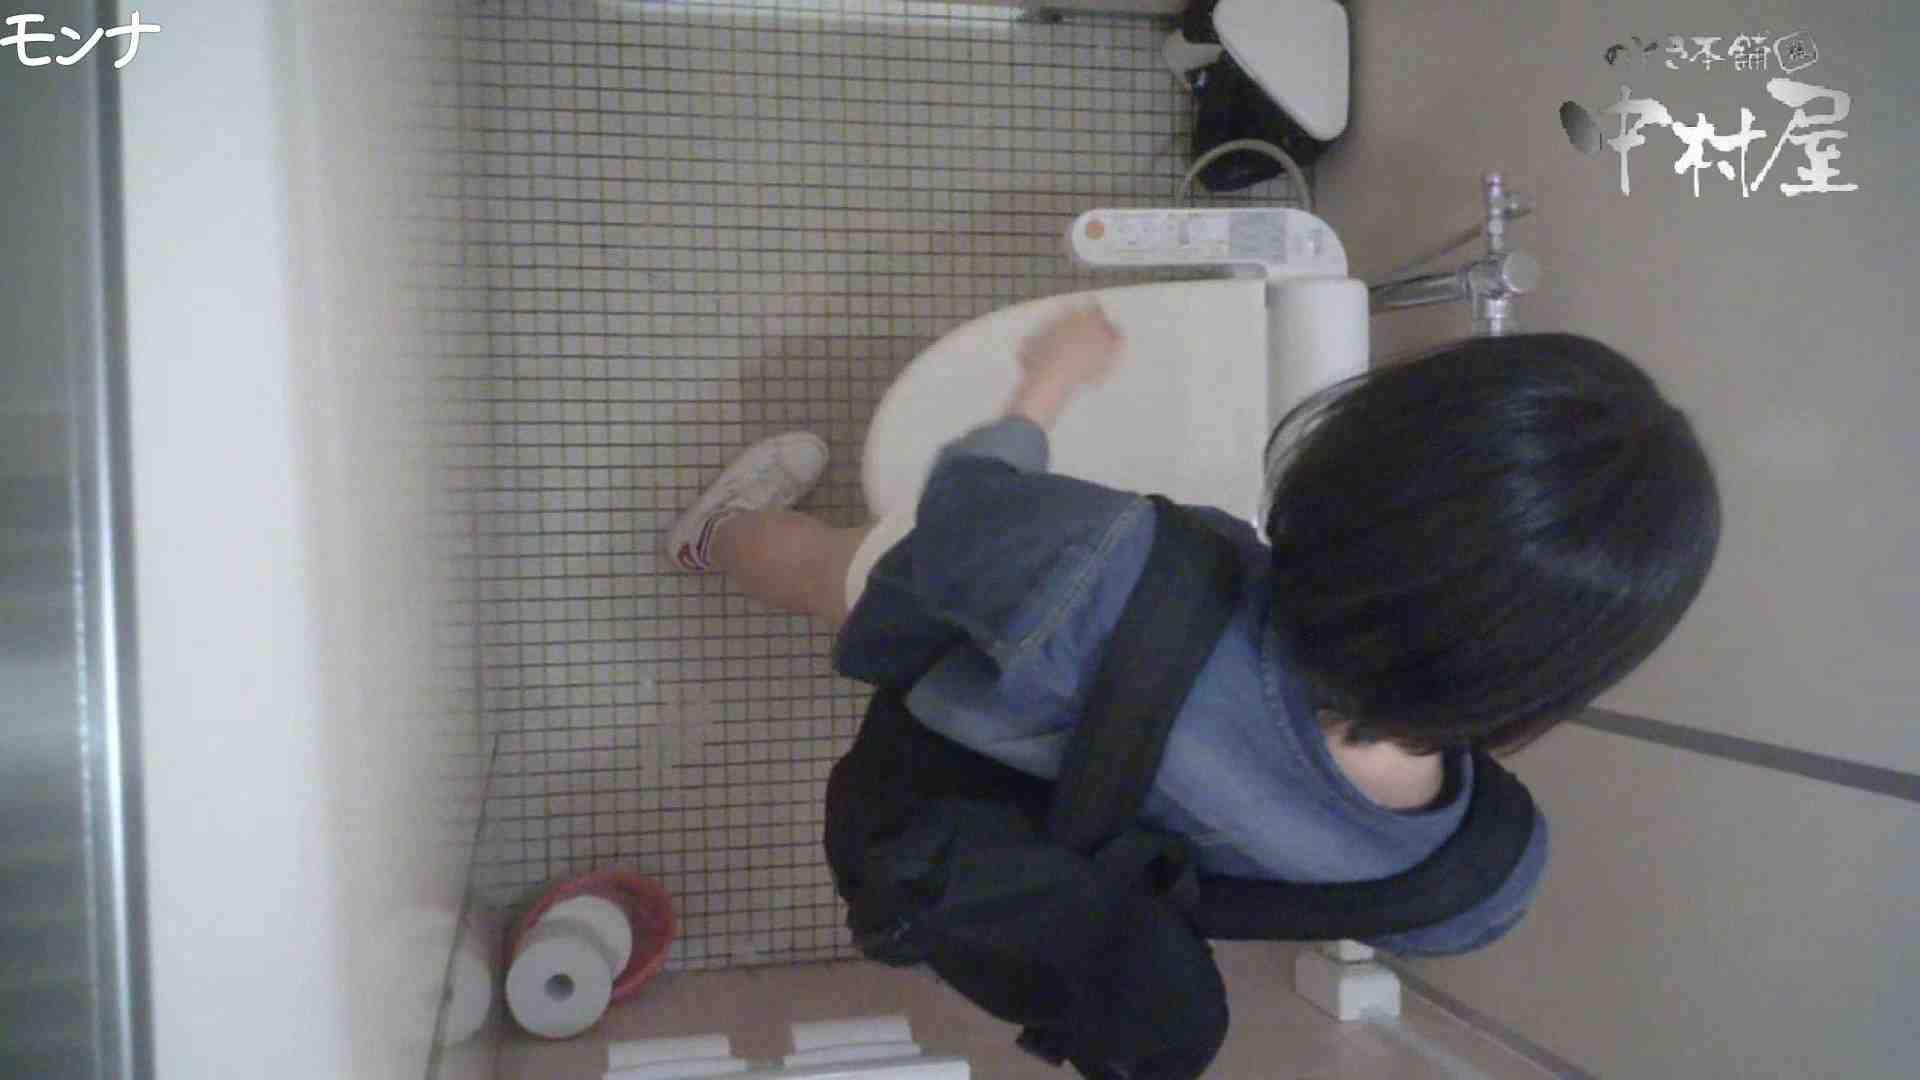 有名大学女性洗面所 vol.65 秘技!!マルチアングル天井撮り!! 0  45連発 24